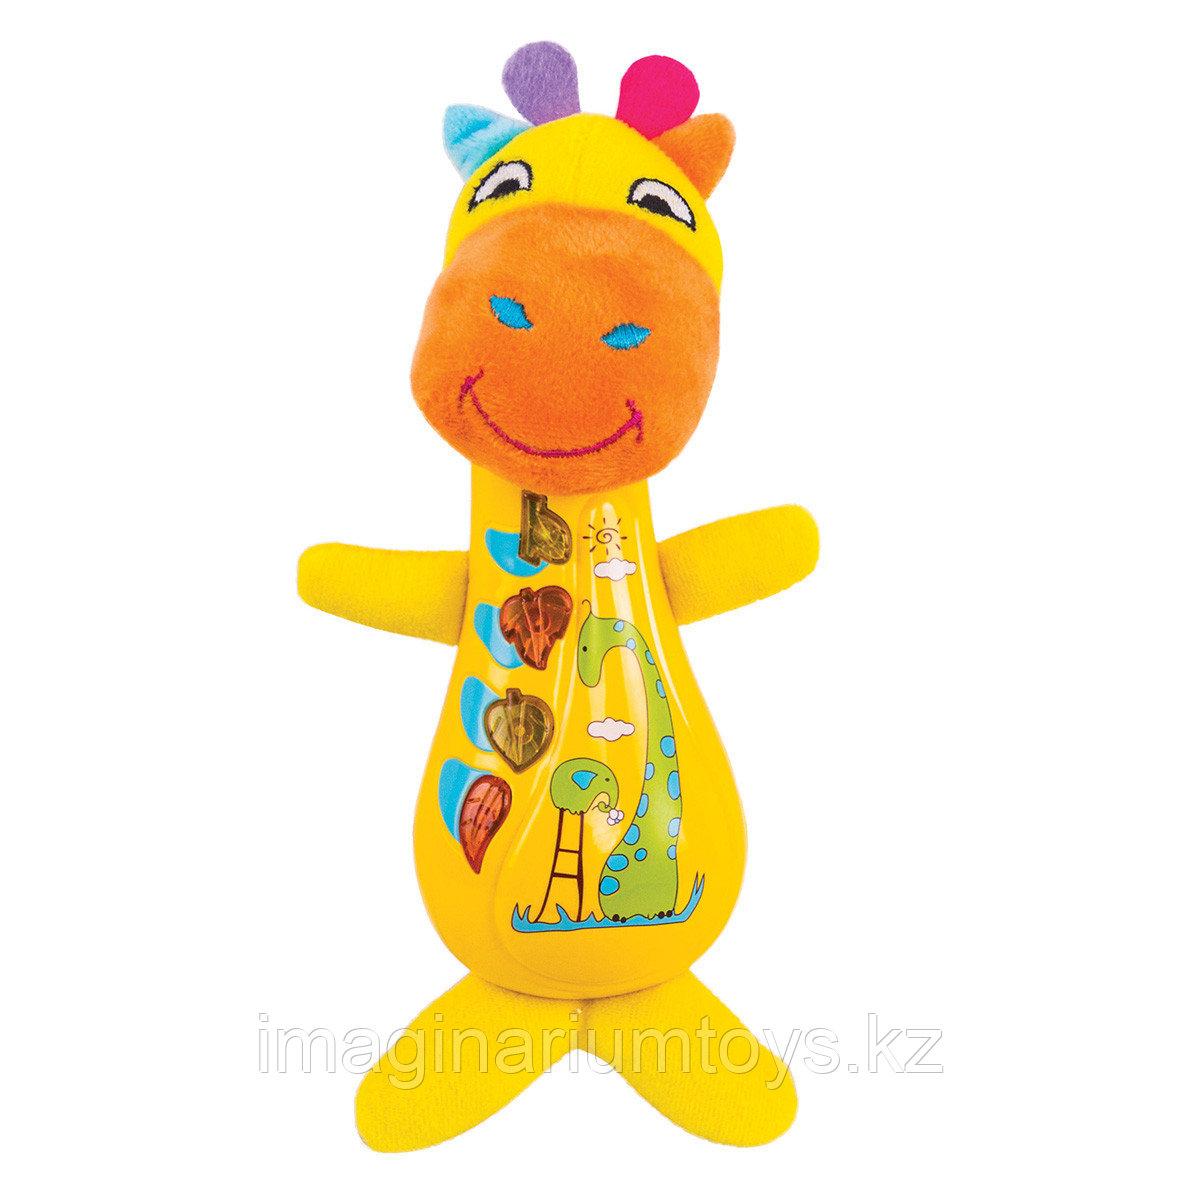 Музыкальная игрушка для детей от 1 года Жираф Спот Happy Snail